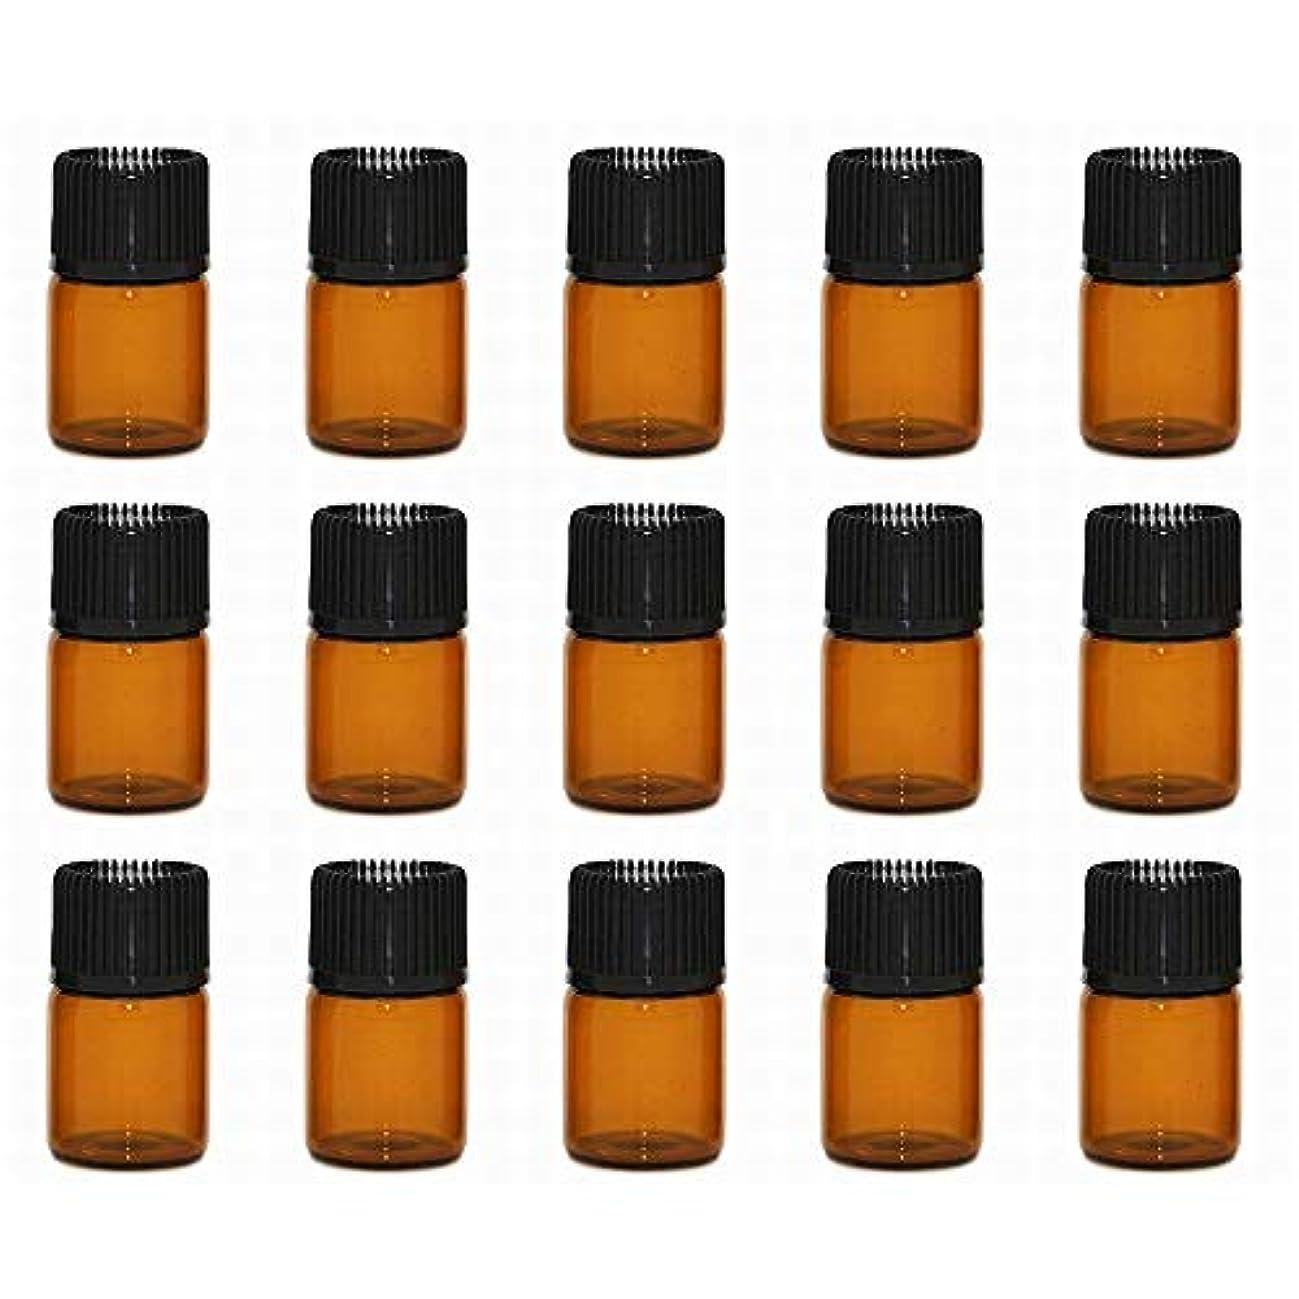 二次朝の体操をするシルエットアロマオイル 精油 小分け用 遮光瓶 セット (1ml 20本 セット)